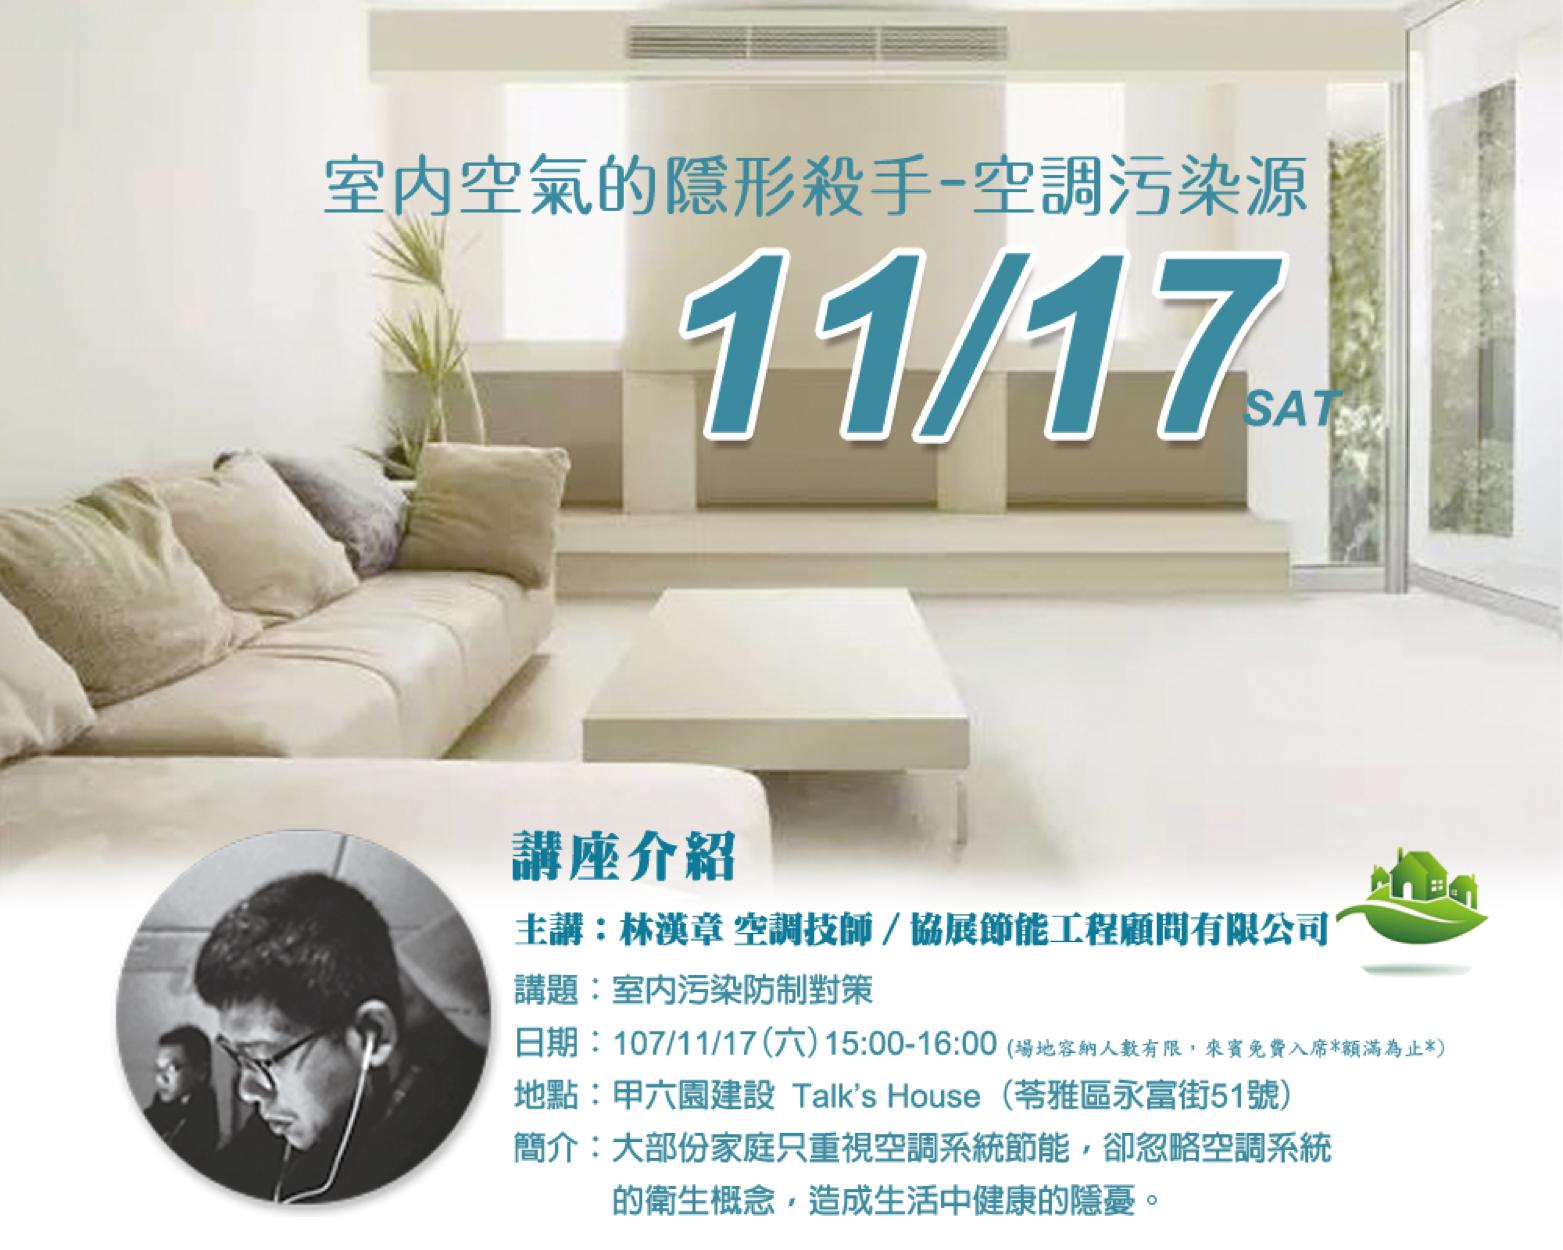 圖片:【甲六園】 Talk's House 輕鬆聊健康【免費講座】11/17(六) 15:00~16:00